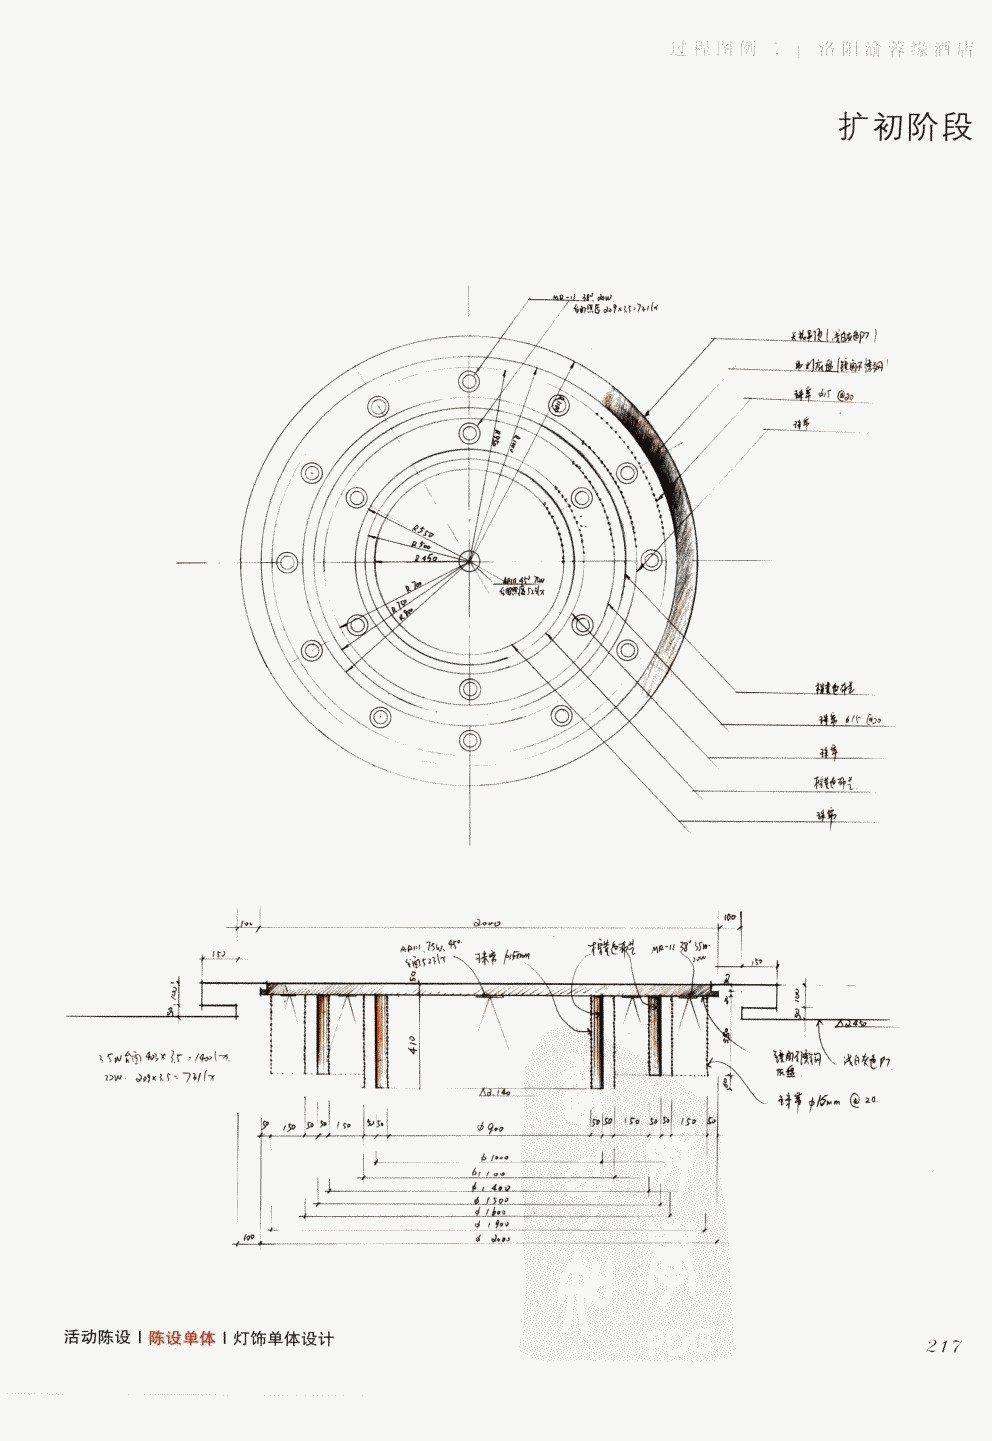 室内设计纲要++概念思考与过程表达_室内设计纲要  概念思考与过程表达_1297982..._页面_225.jpg